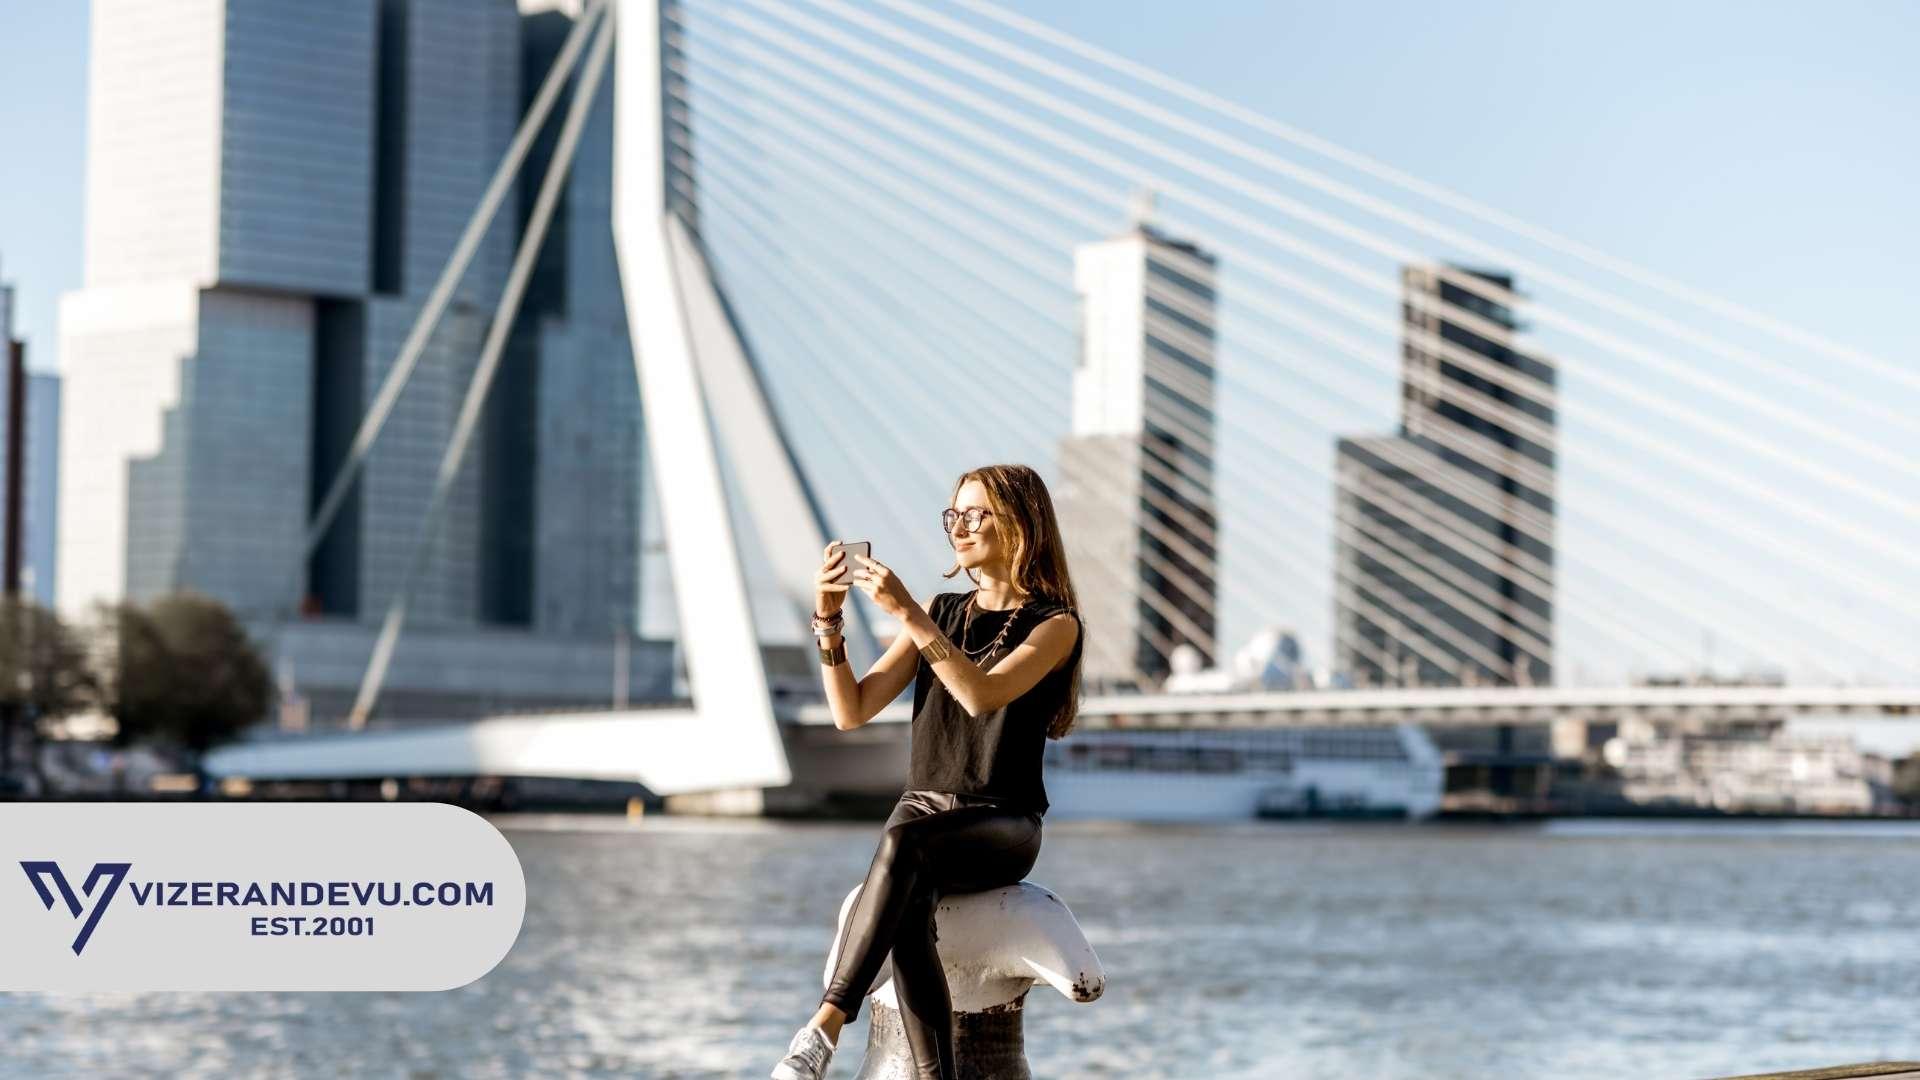 Hollanda Konsolosluğunda/Büyükelçiliğinde Vize İşlem Başvurusu kaç Gün Sürmektedir?